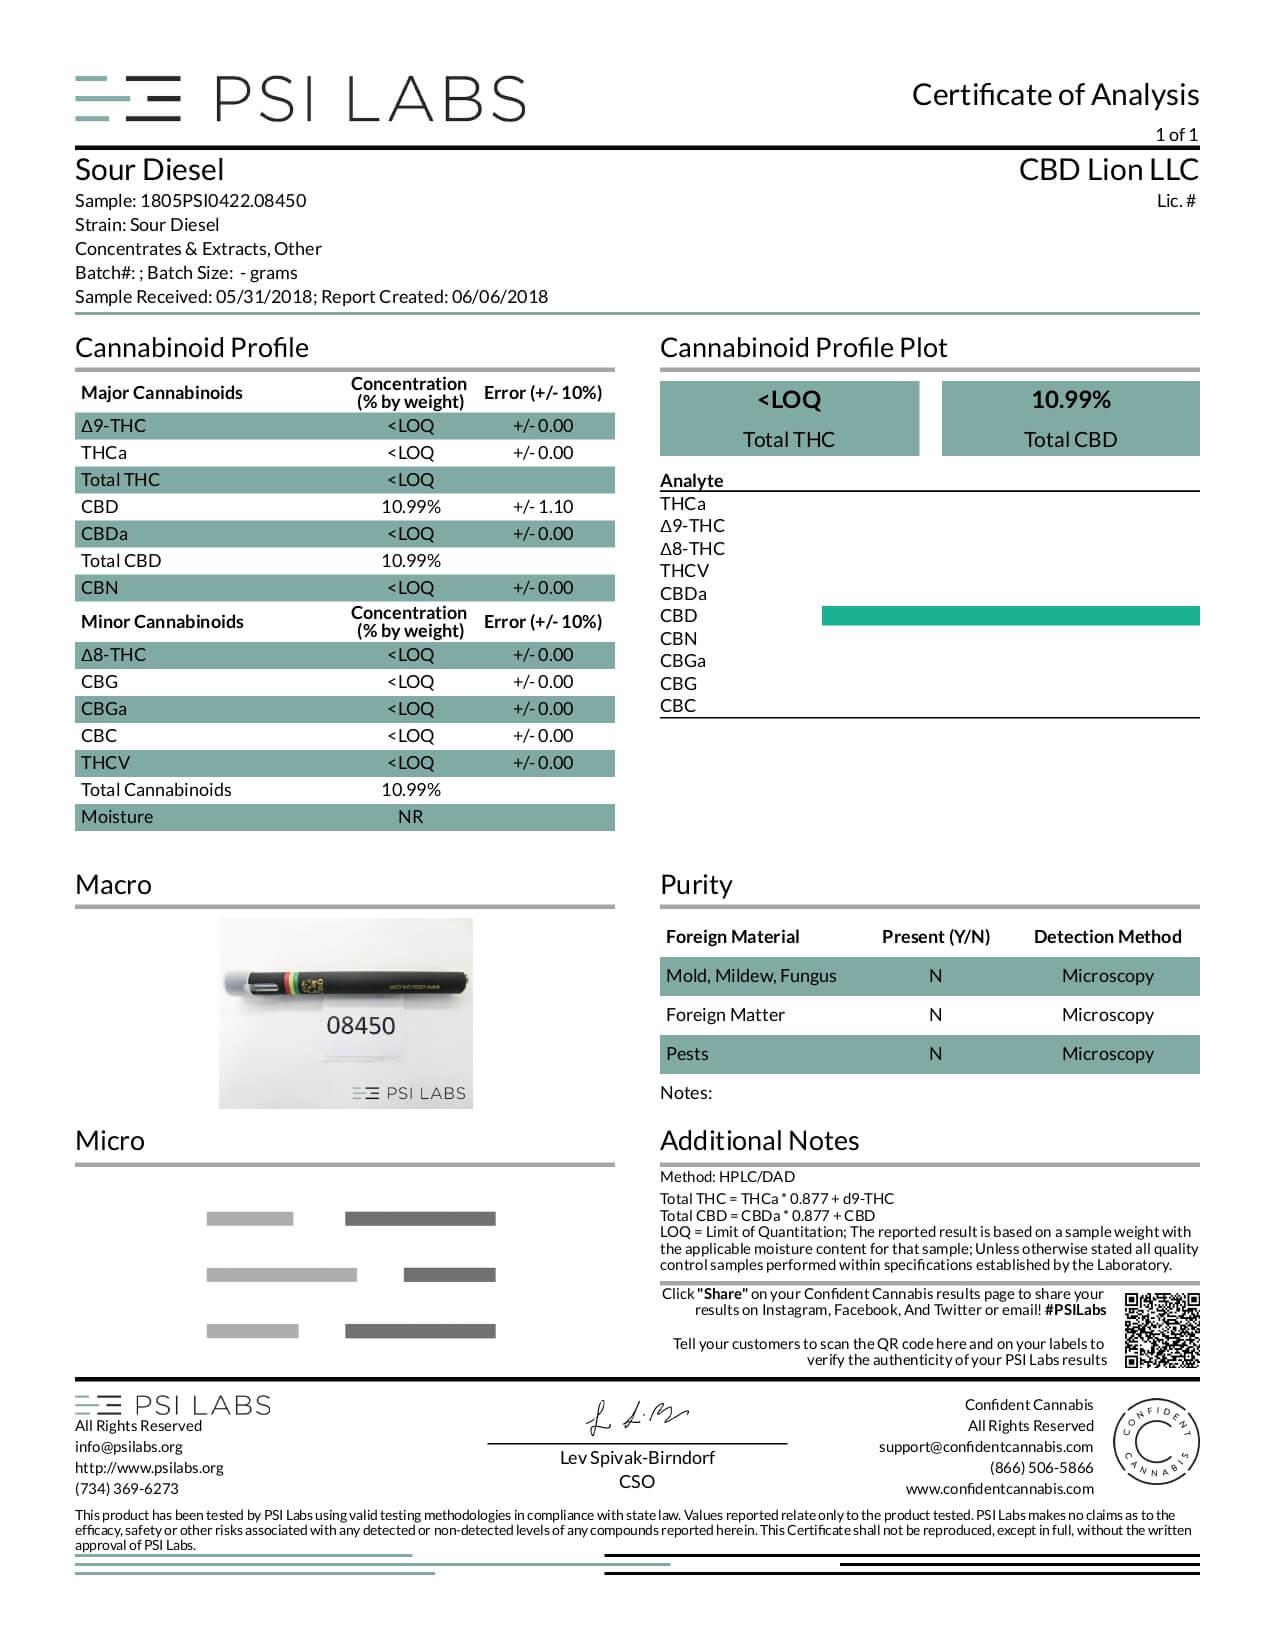 CBD Lion CBD Disposable Vape Pen Sour Diesel Lab Report